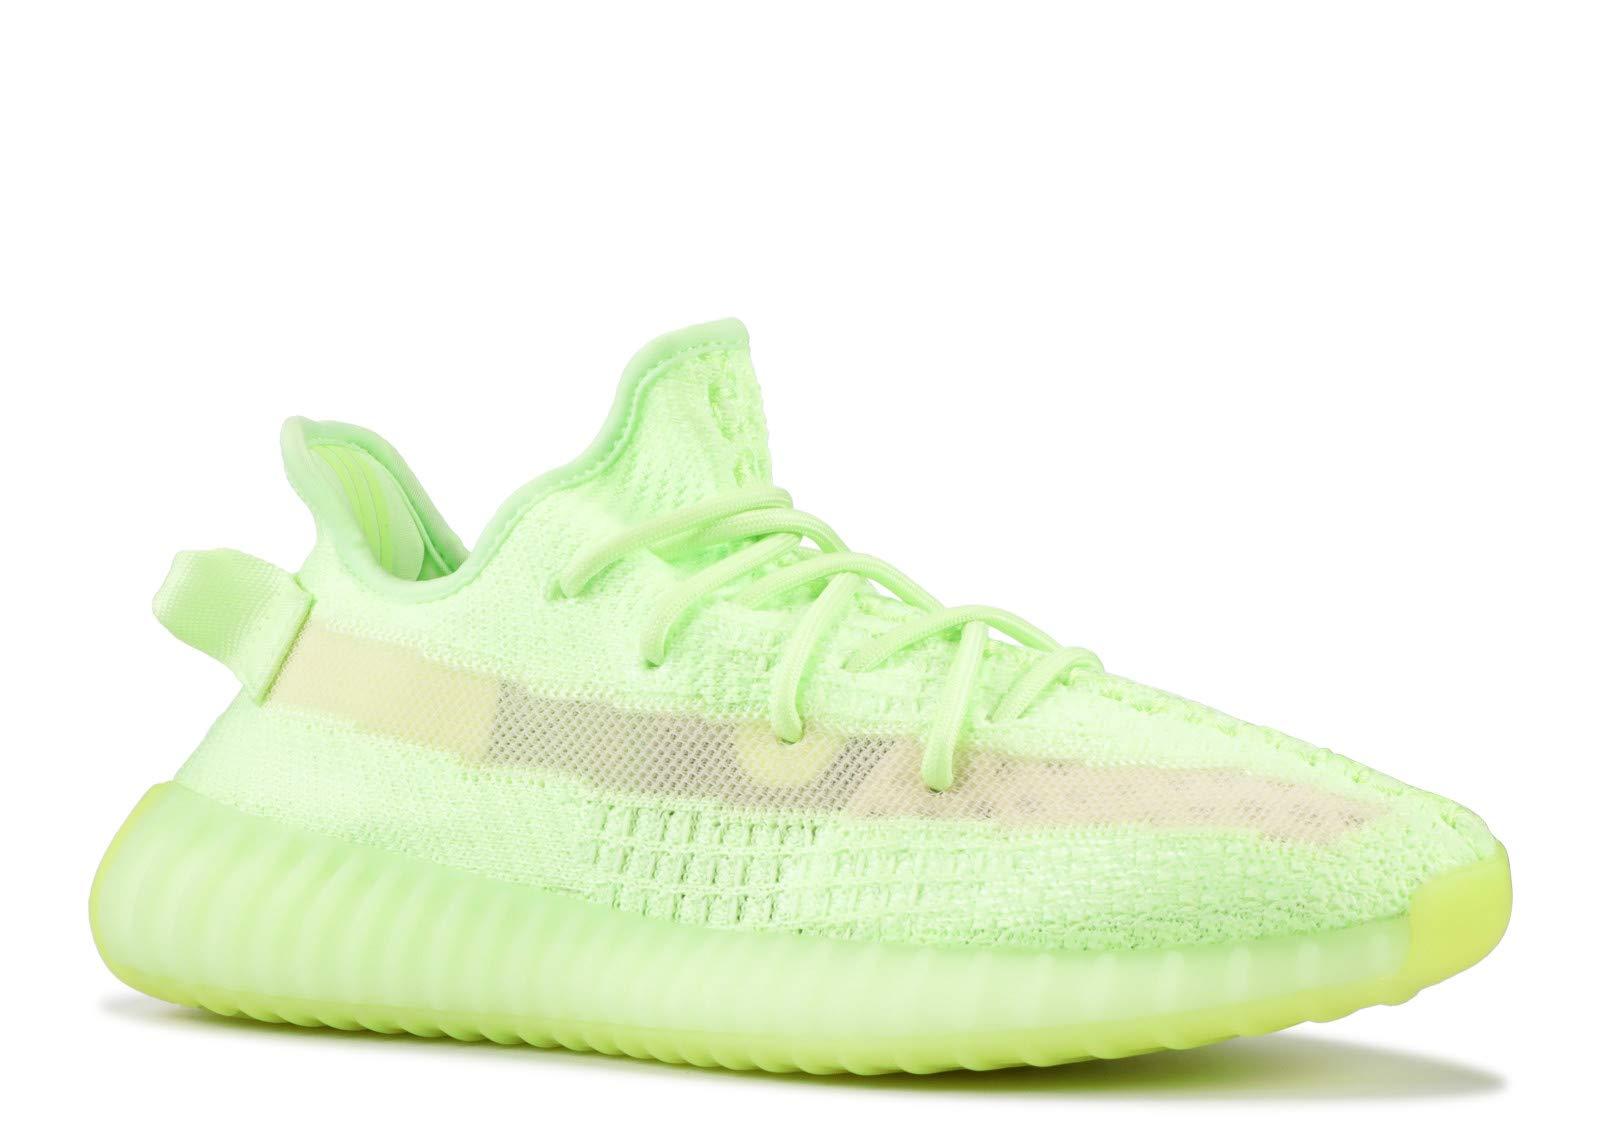 adidas Yeezy Boost 350 V2 (Glow/Glow-Glow 13) by adidas